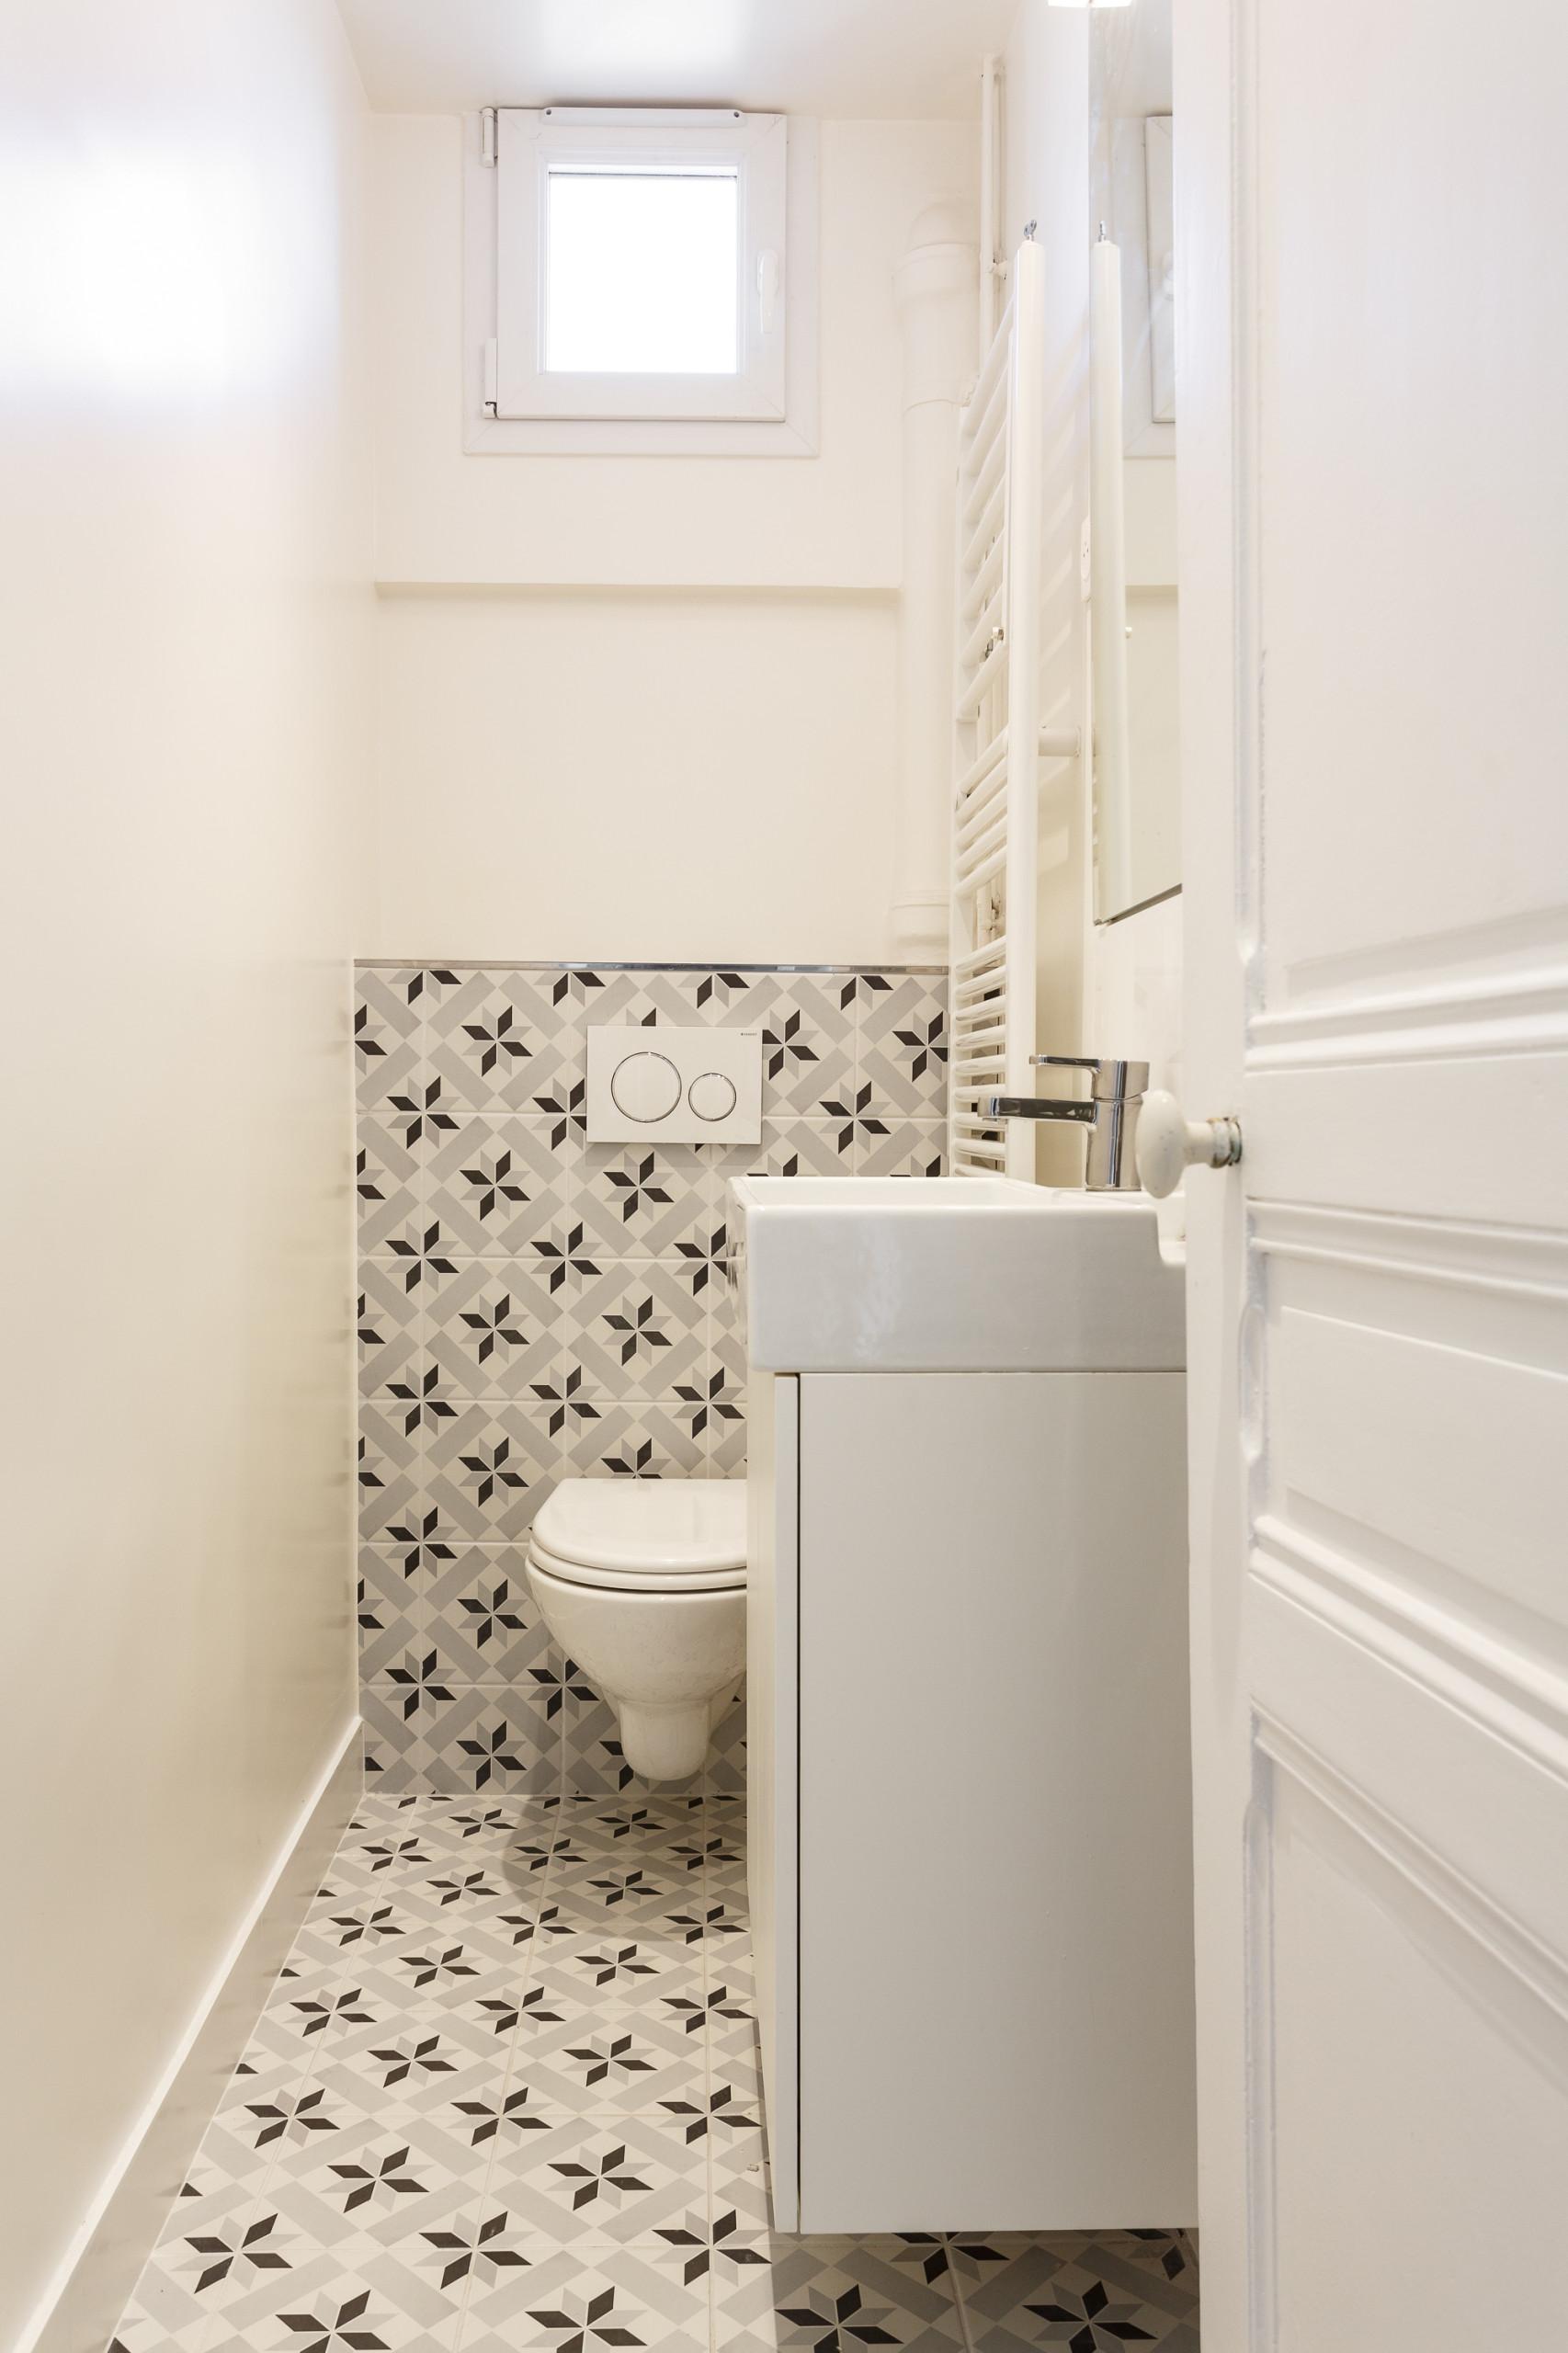 Créer un ensemble cohérent, jusque dans la salle de bains